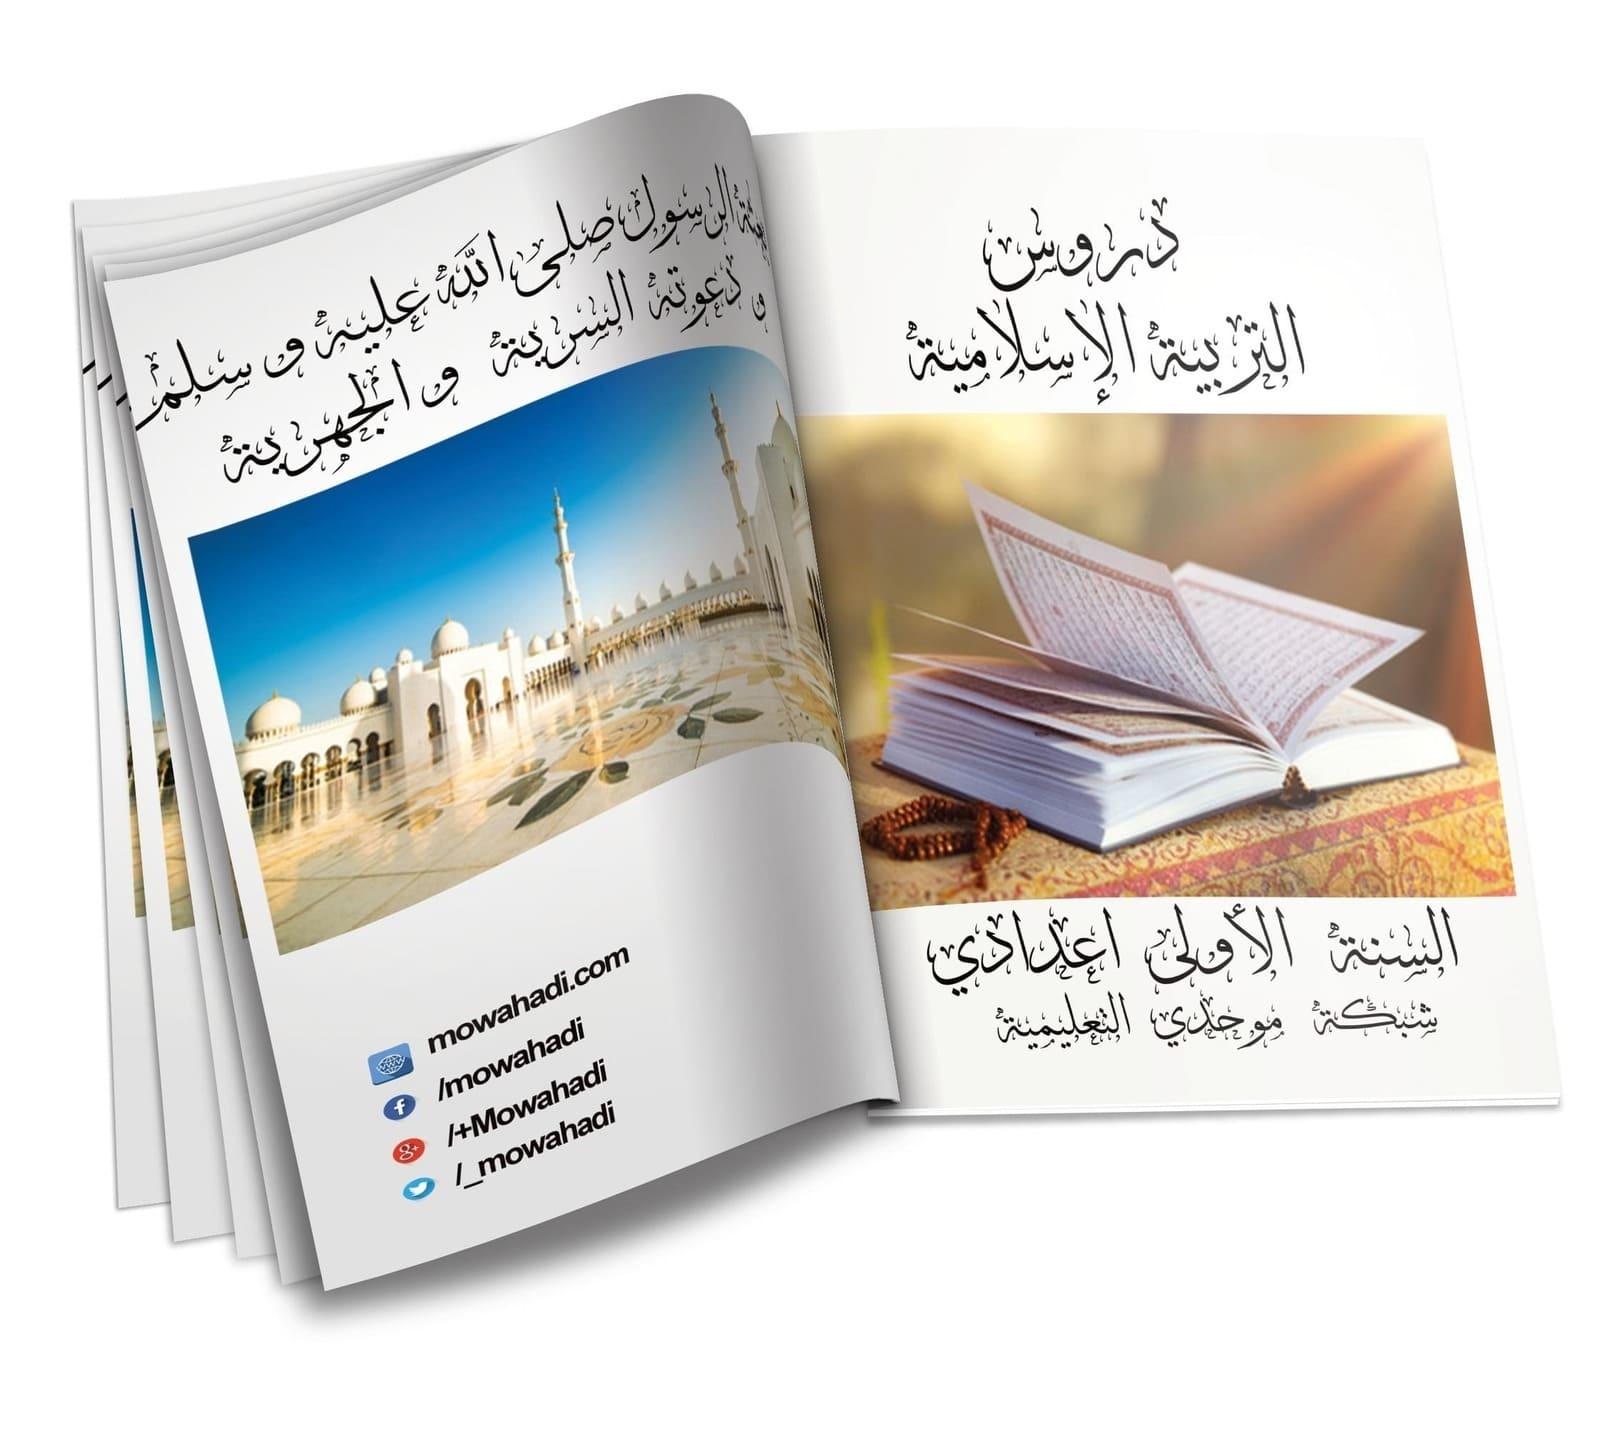 بعثة الرسول صلى الله عليه وسلم و دعوته السرية  و الجهرية